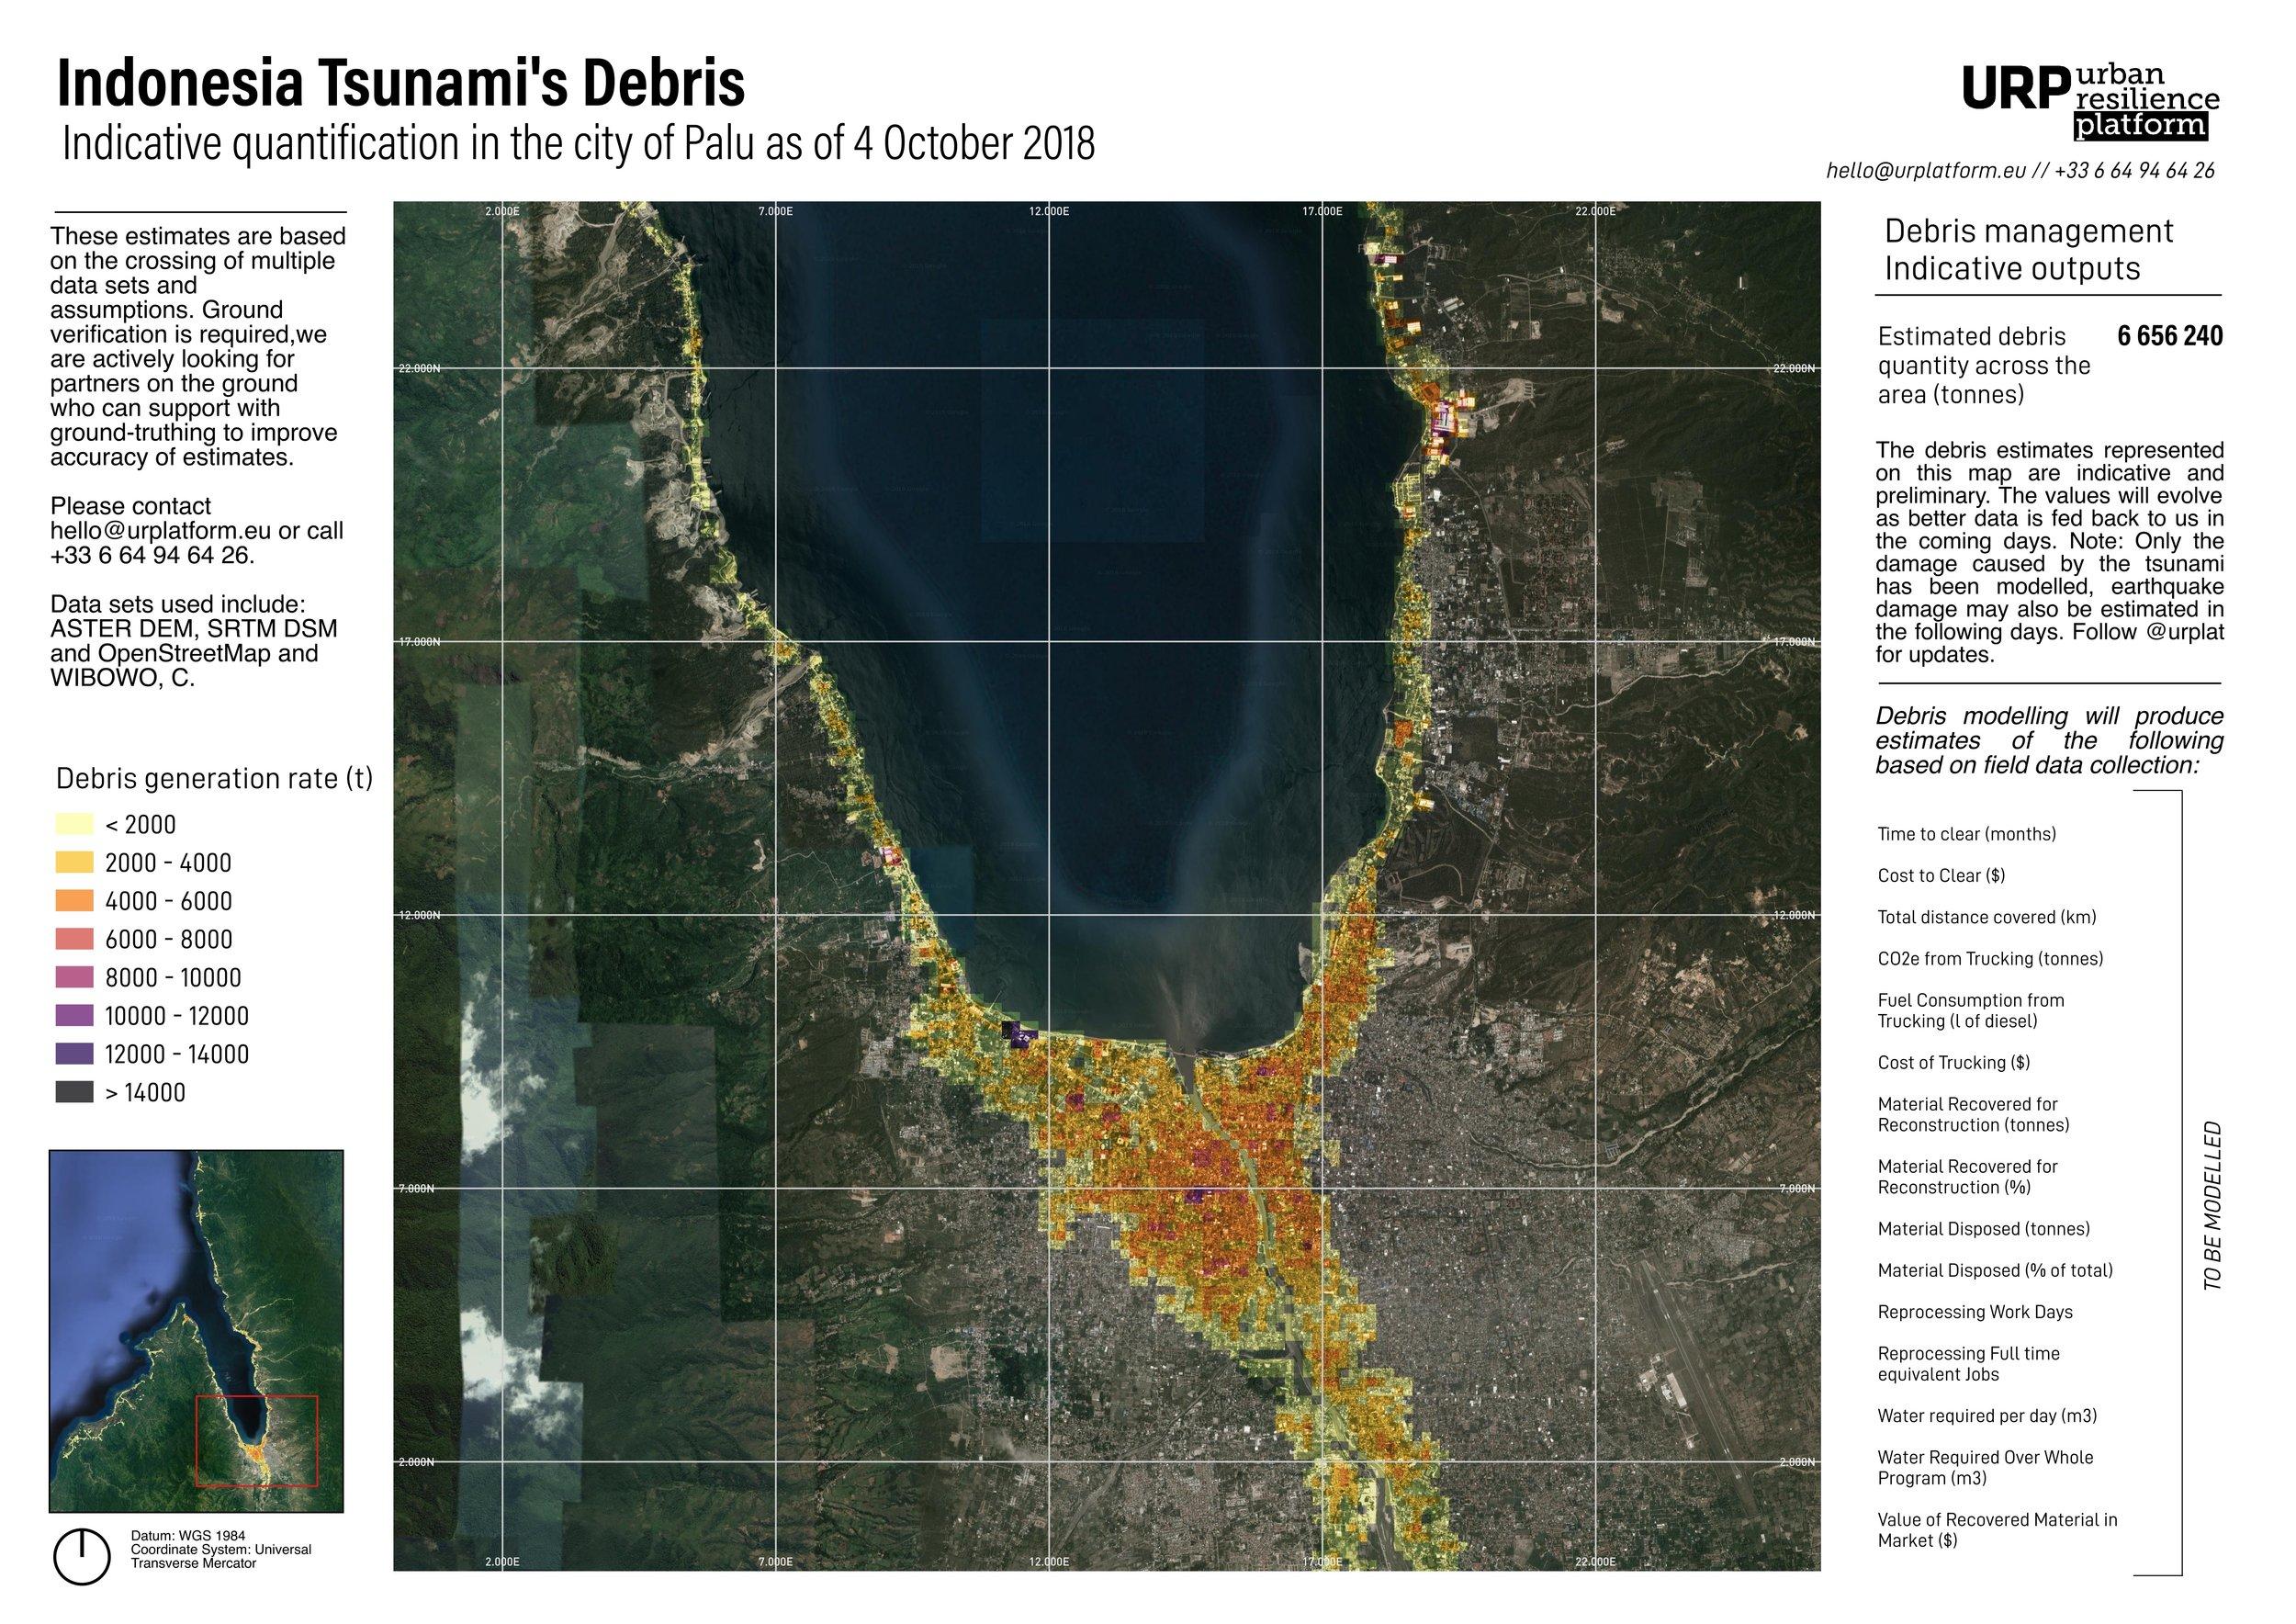 IndoTsunami_DebrisEstimate_URP_4thOct2018.jpg